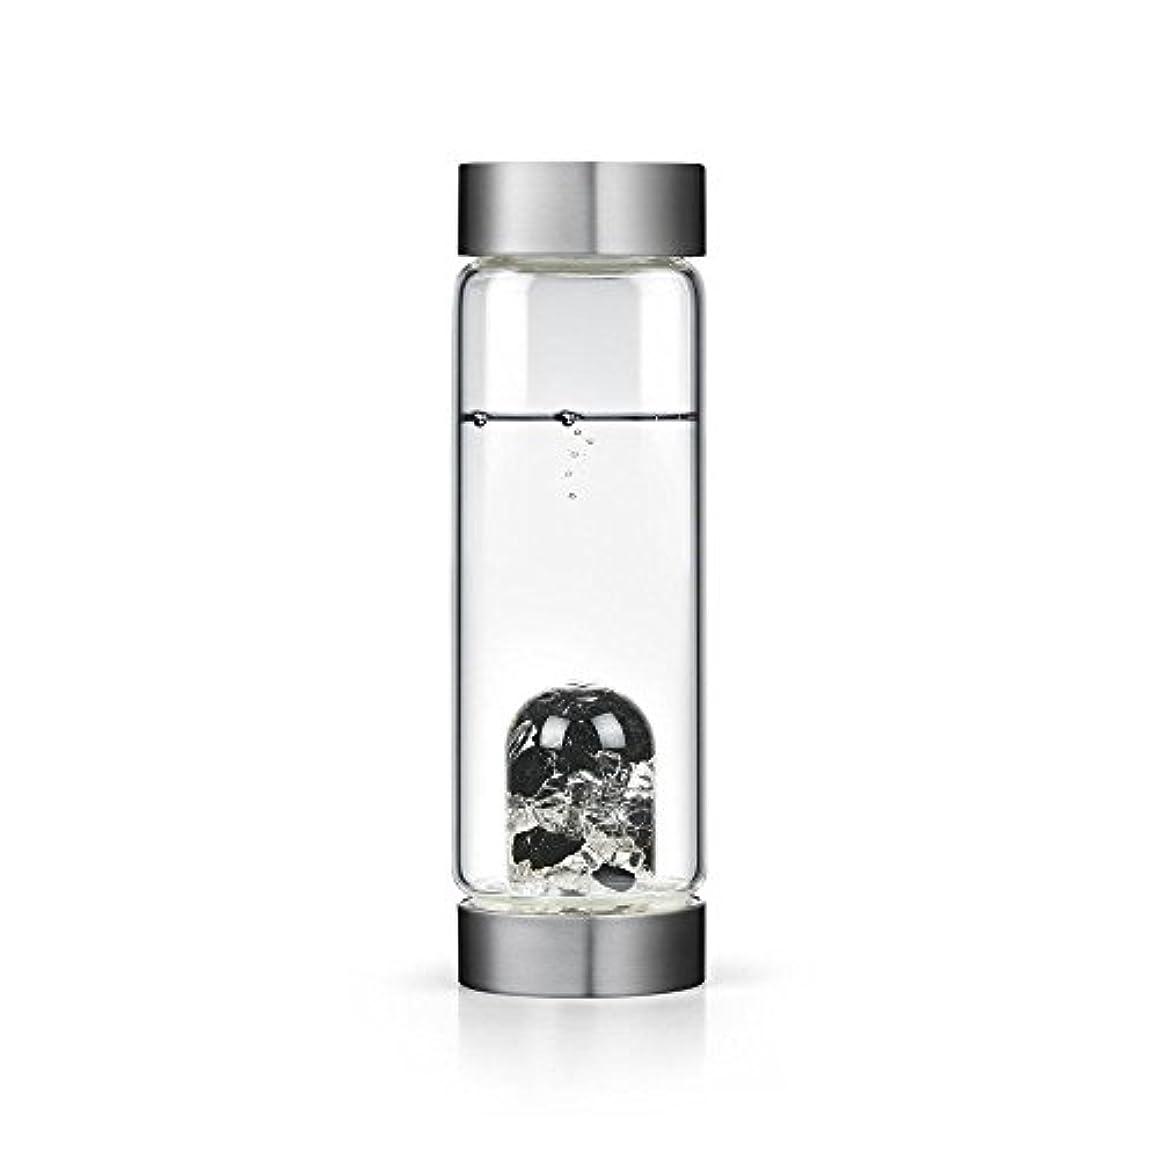 暫定受け皿悪化するビジョンクリスタルエディションgem-waterボトルby VitaJuwel W / Freeカリフォルニアホワイトセージバンドル 16.9 fl oz